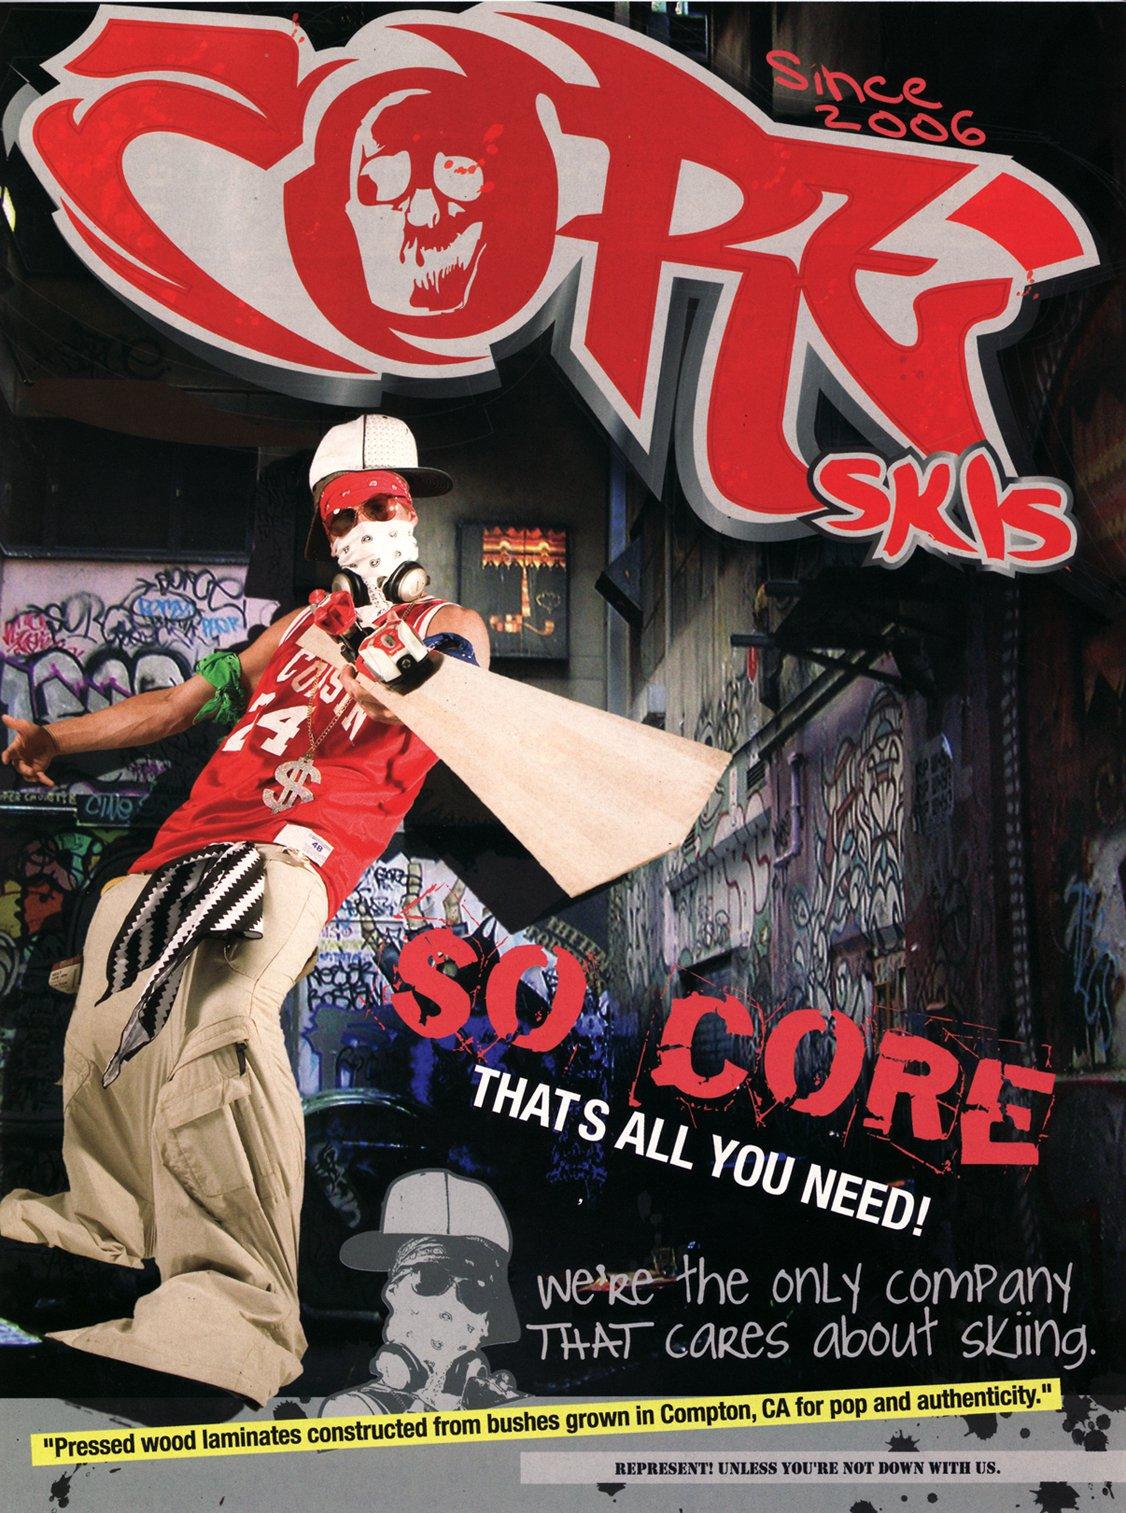 Hot new ski brand! Core!